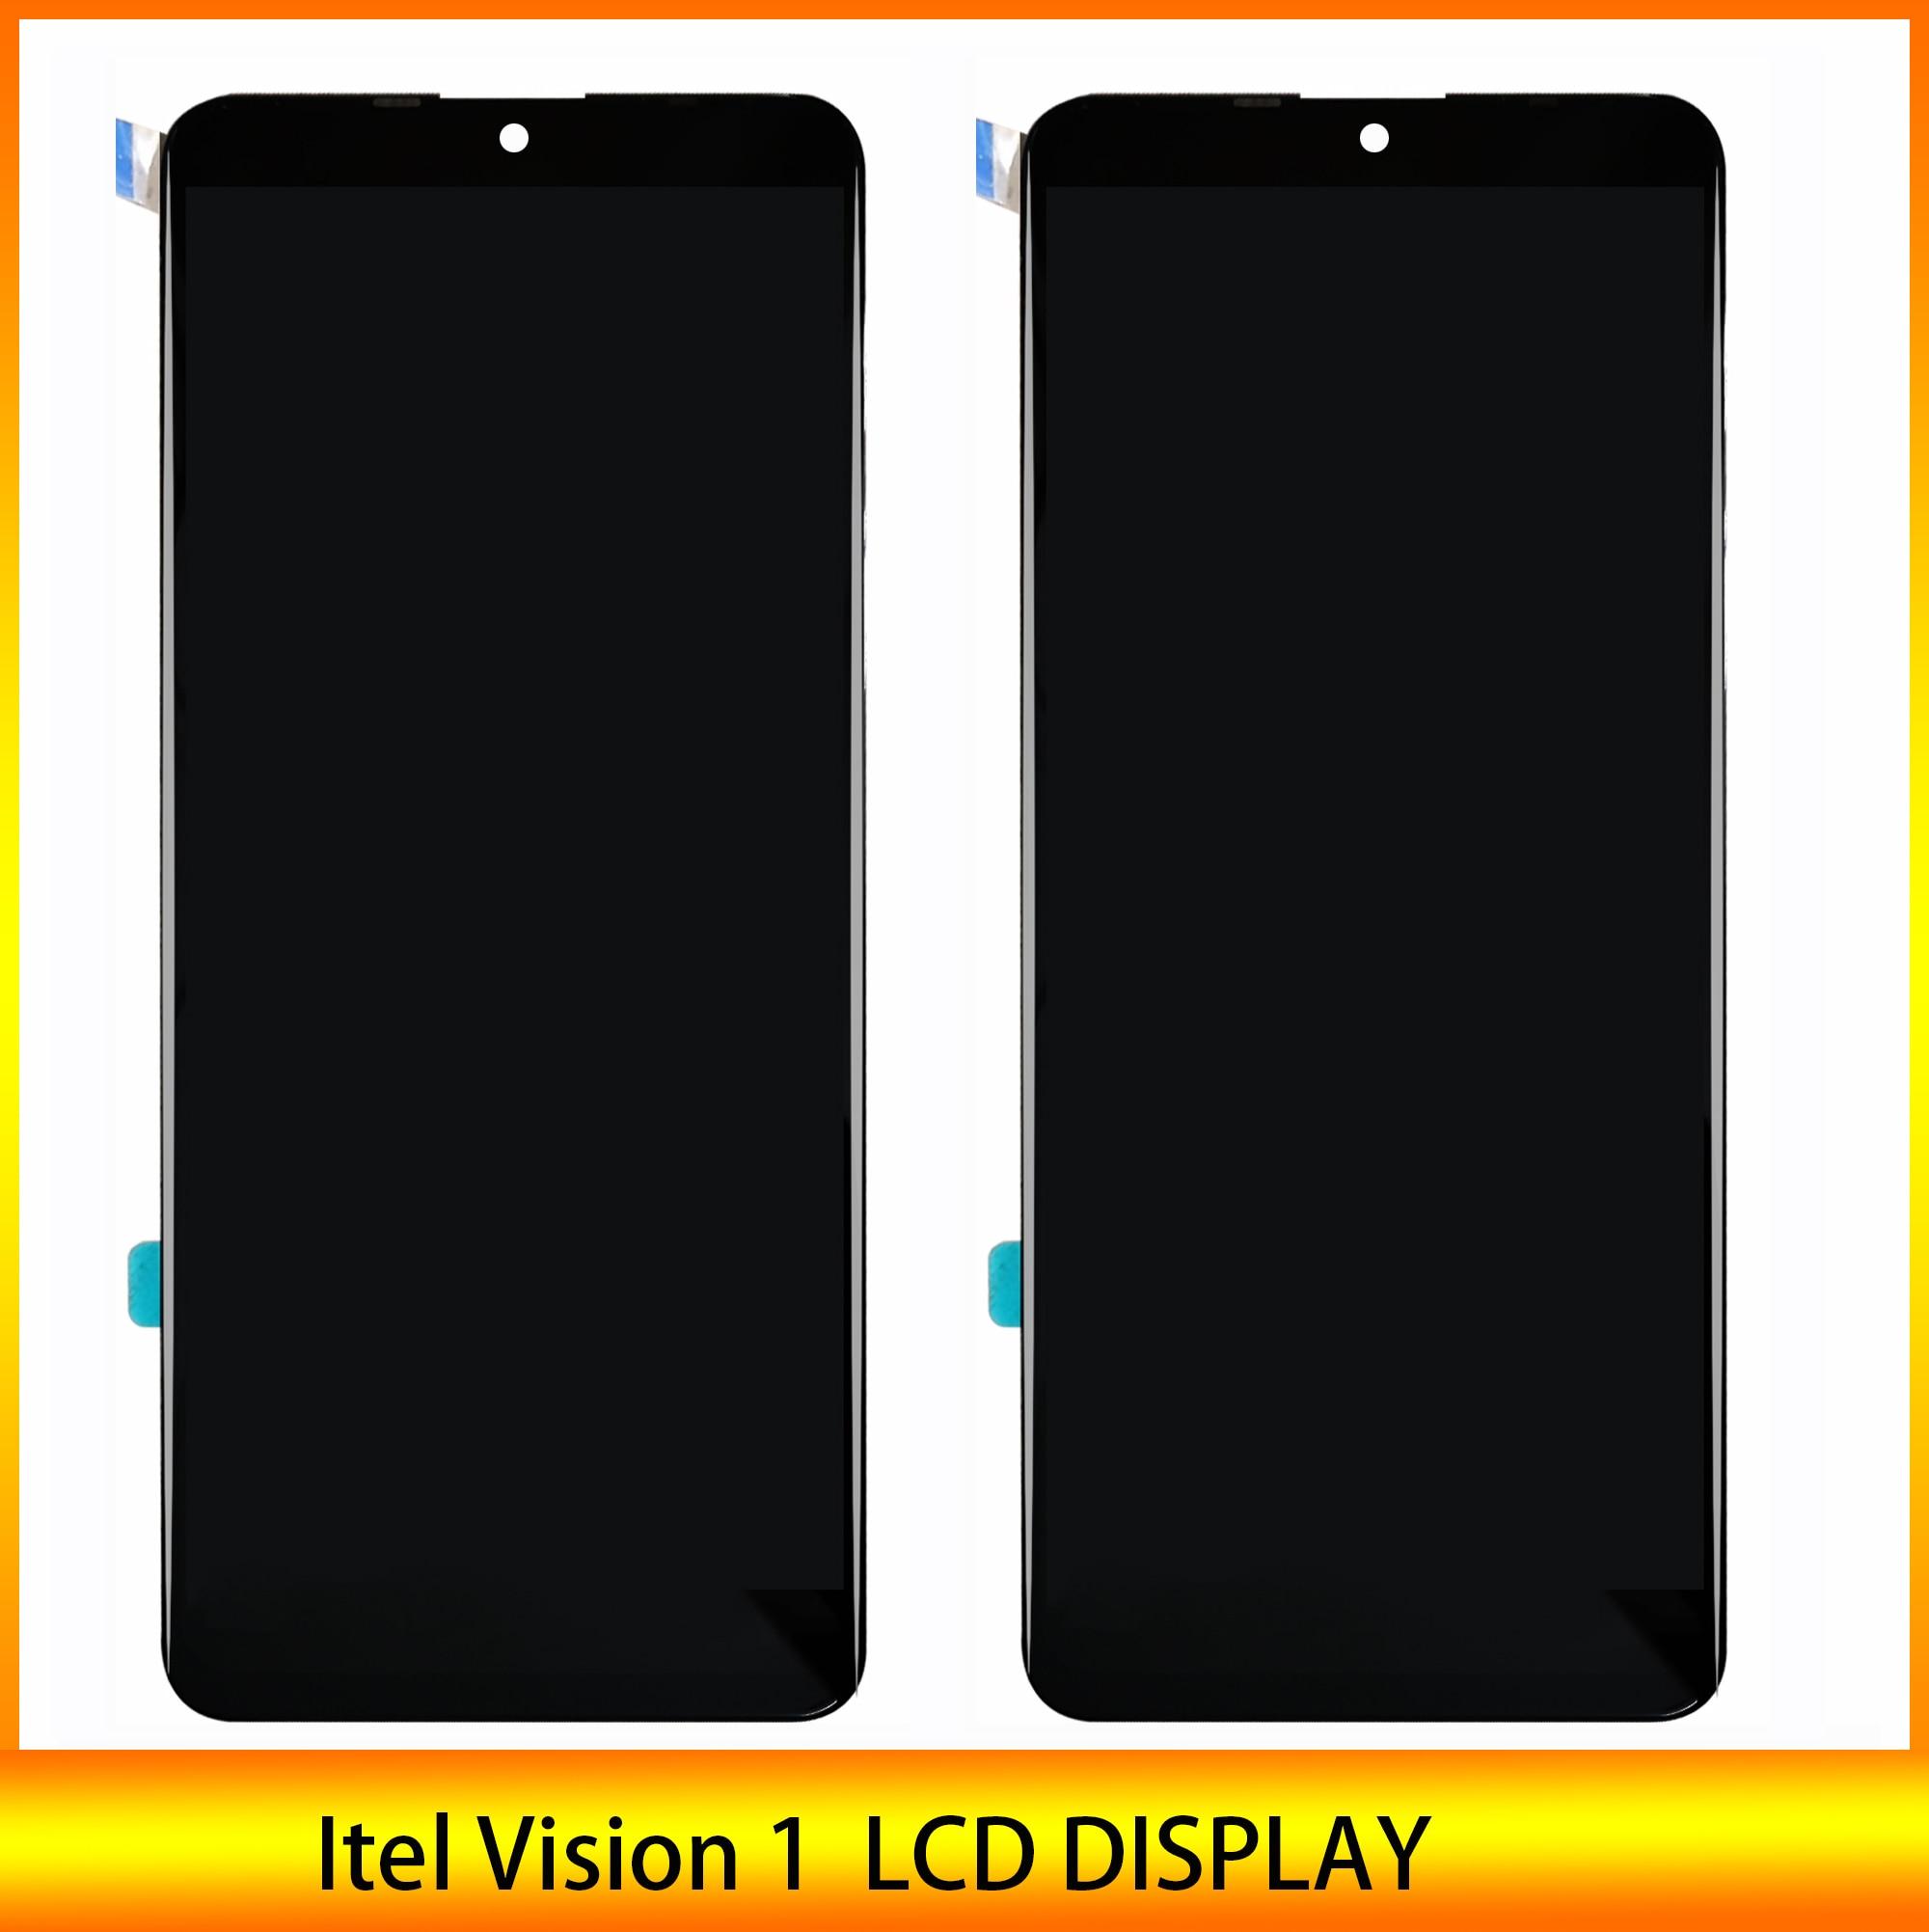 Высококачественный Оригинальный ЖК-дисплей 6,1 дюйма для Itel Vision 1 L6005, ЖК-дисплей, сенсорный датчик, дигитайзер, лента и инструмент